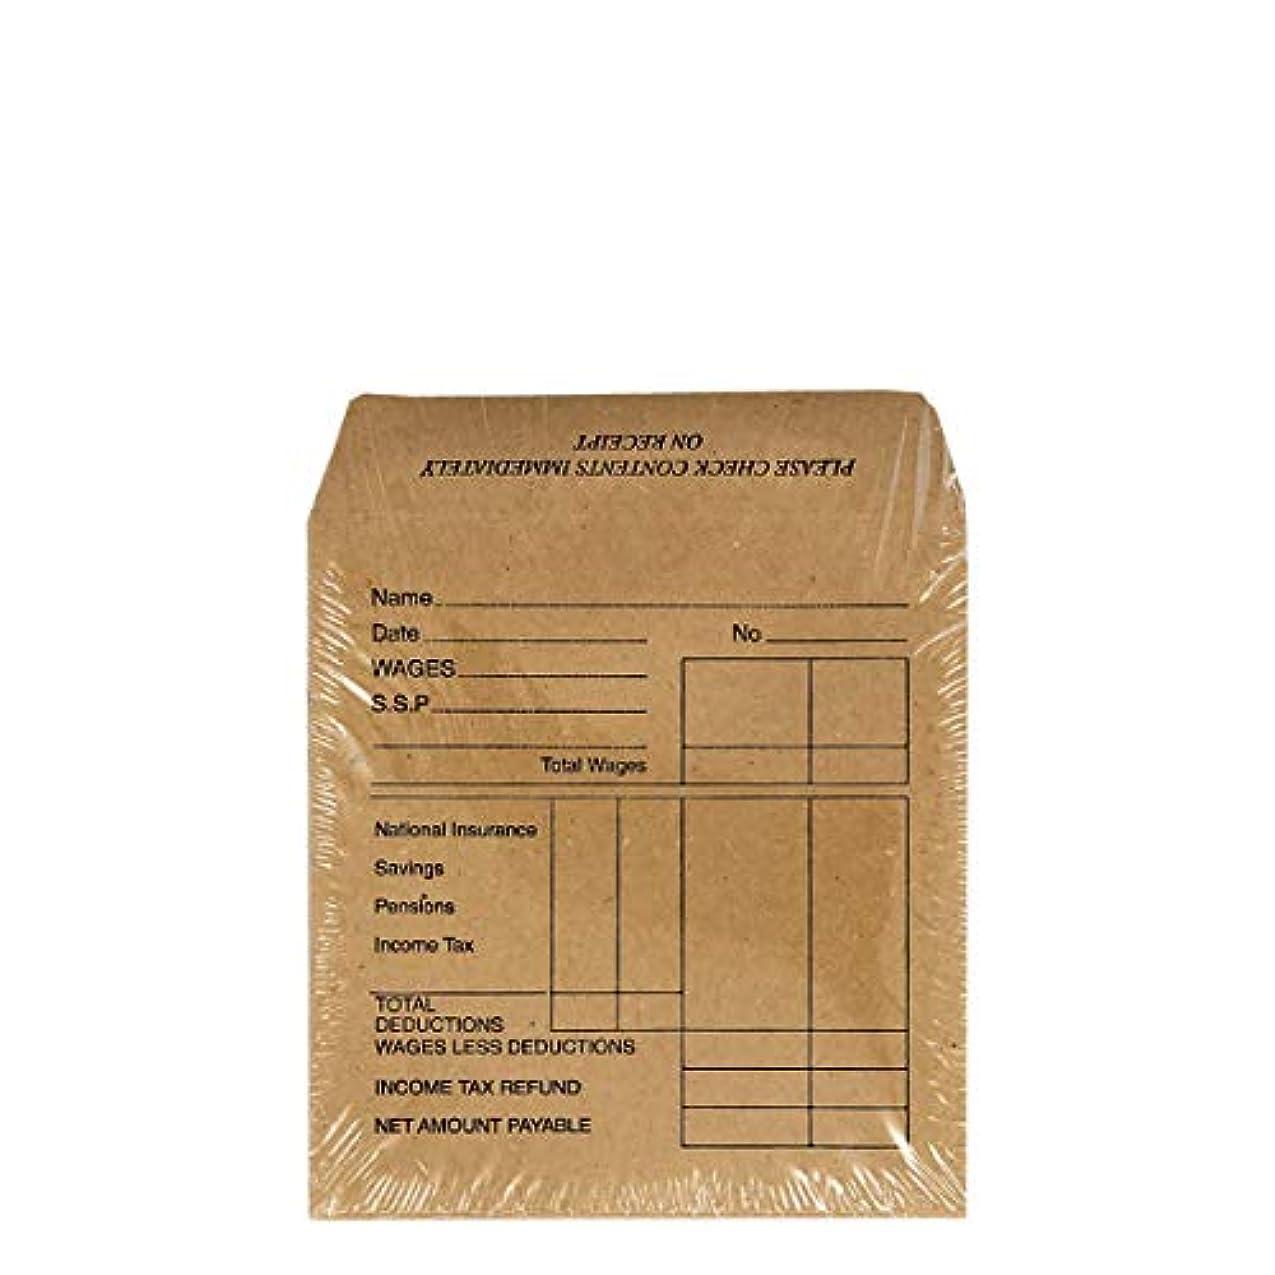 図超高層ビルベッドアジェンダ サロンコンセプト 賃金支払い 封筒 50[海外直送品] [並行輸入品]